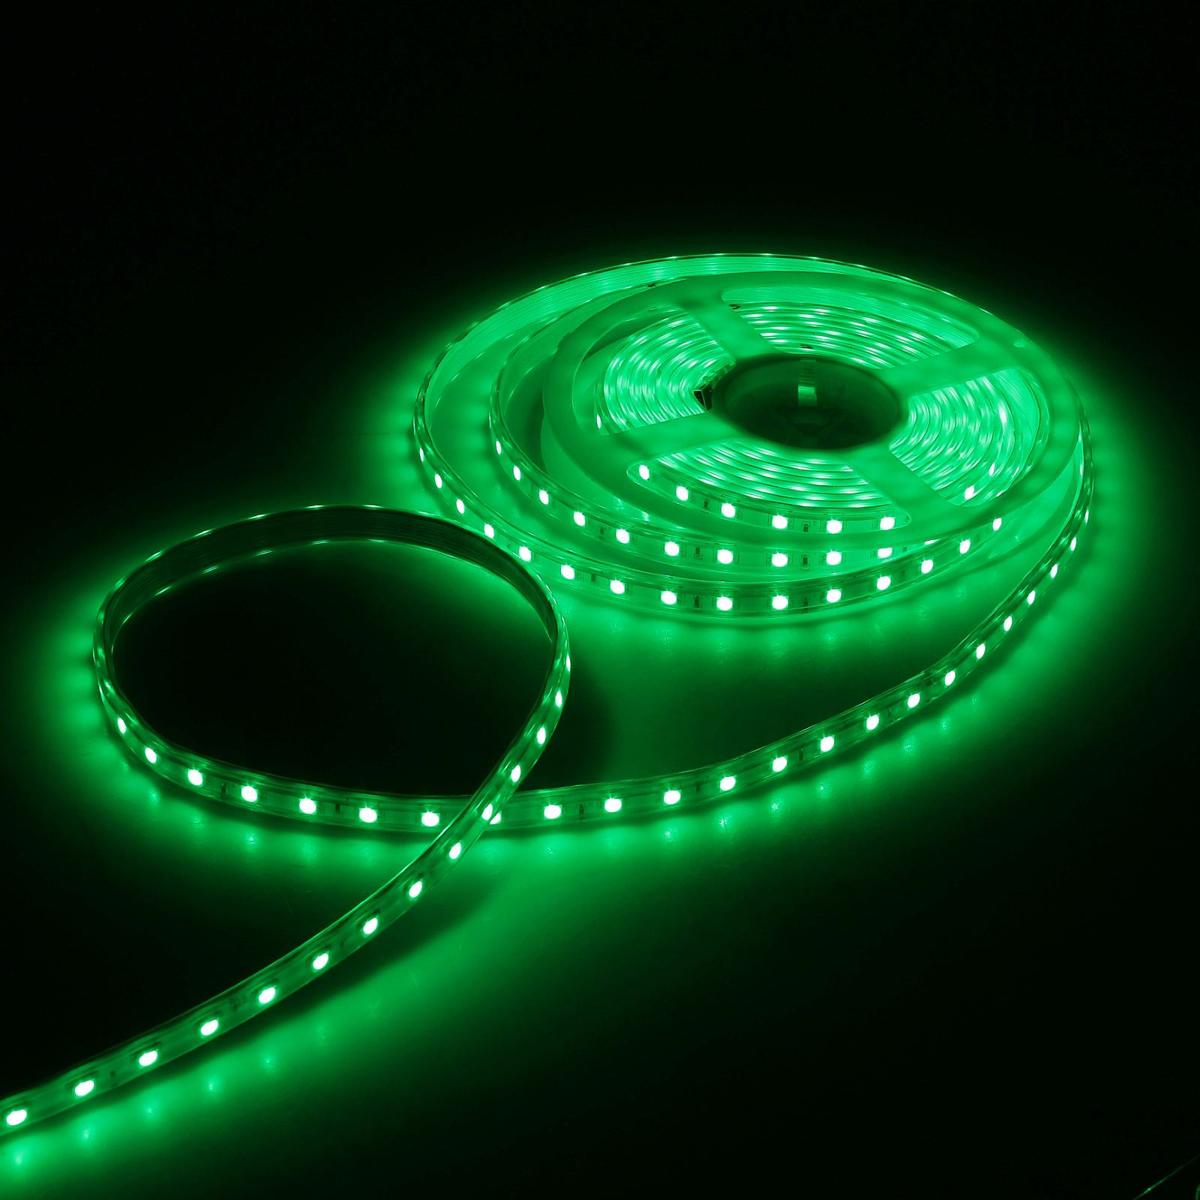 Светодиодная лента Luazon, 220В, SMD5050, длина 5 м, IP65, 60 LED ламп, 11 Вт/м, 16-18 Лм/1 LED, AC, цвет: зеленый883973Светодиодные гирлянды, ленты и т.д — это отличный вариант для новогоднего оформления интерьера или фасада. С их помощью помещение любого размера можно превратить в праздничный зал, а внешние элементы зданий, украшенные ими, мгновенно станут напоминать очертания сказочного дворца. Такие украшения создают ауру предвкушения чуда. Деревья, фасады, витрины, окна и арки будто специально созданы, чтобы вы украсили их светящимися нитями.